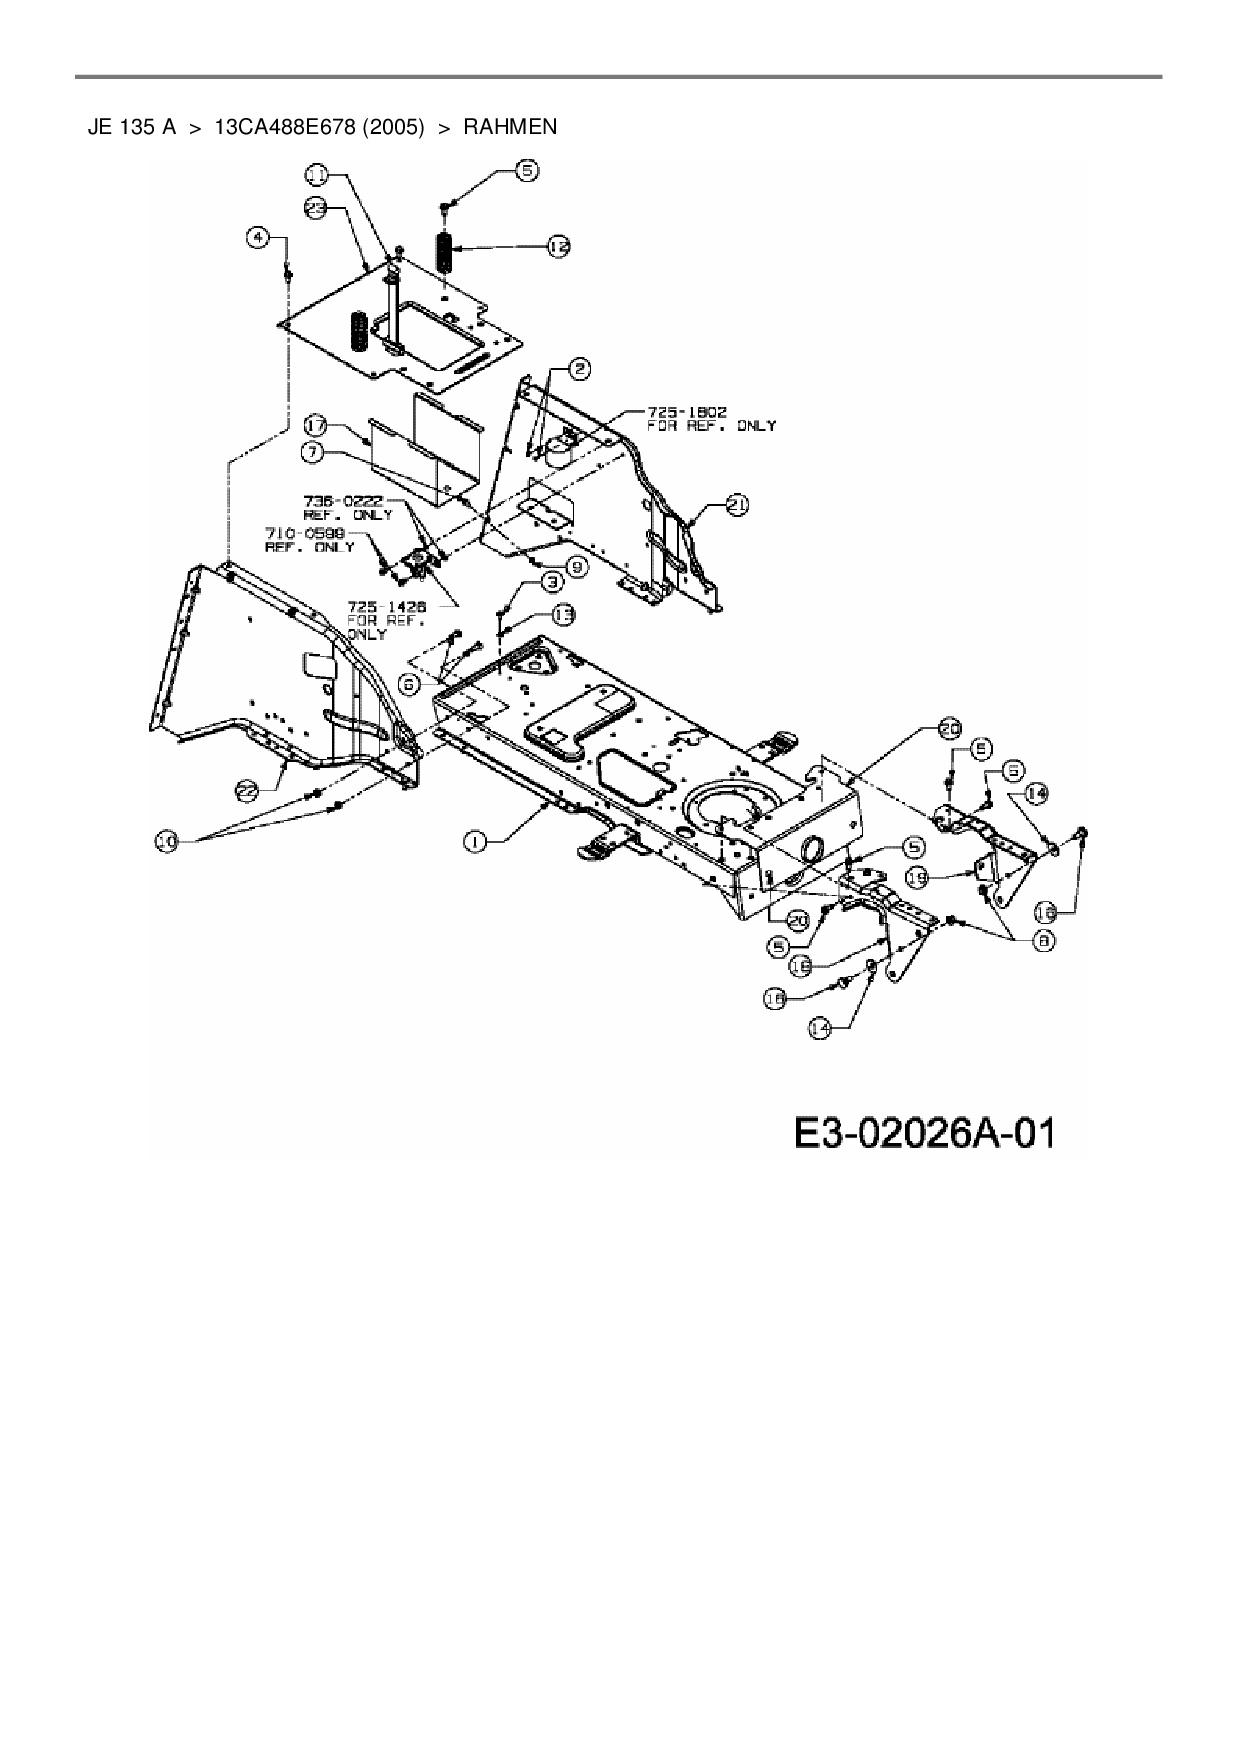 Ersatzteile von MTD Rasentraktor JE 135 A aus der Zeichnung Rahmen